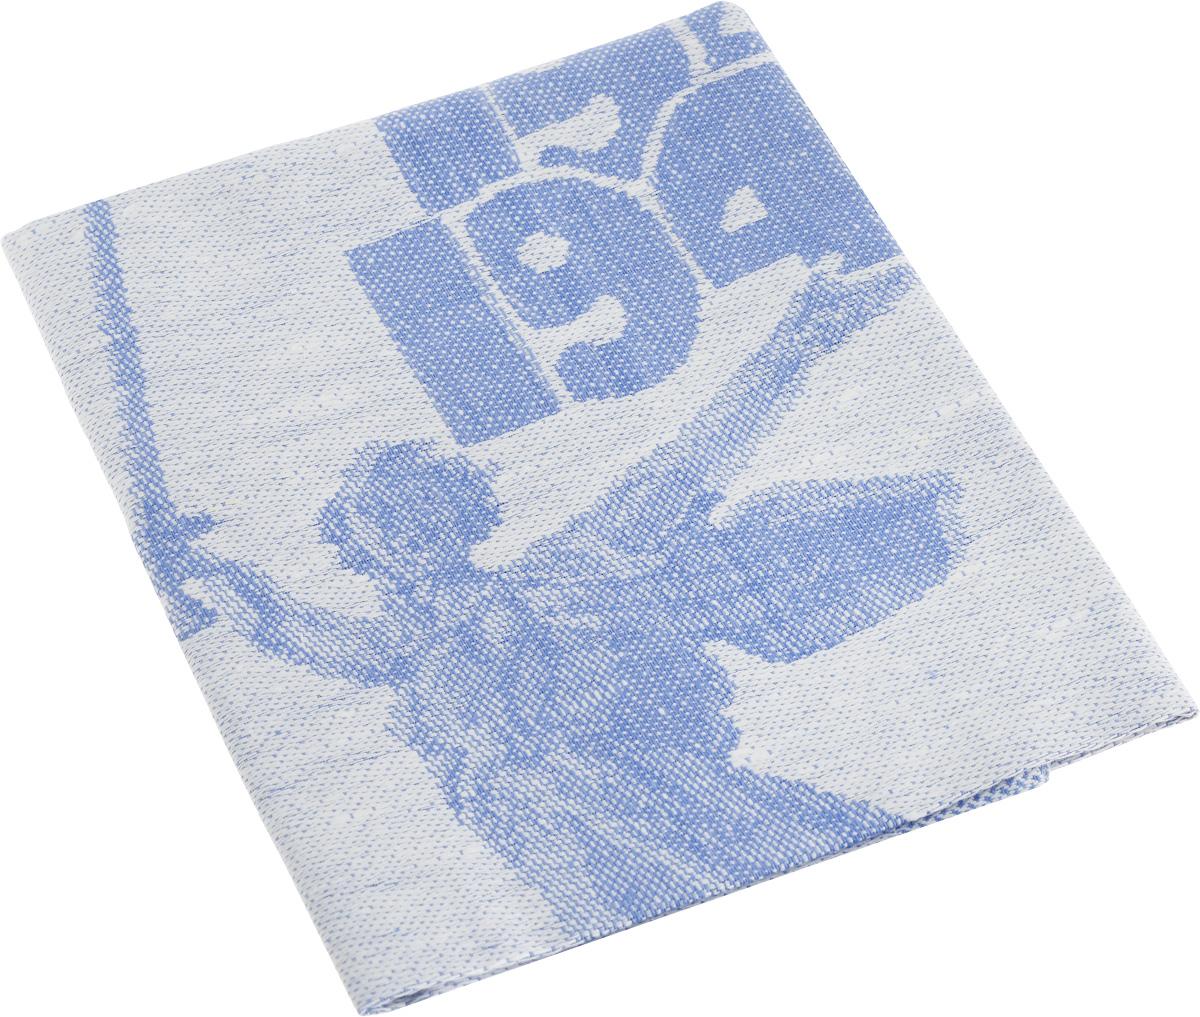 Фото - Салфетка жаккардовая Гаврилов-Ямский Лен, цвет: синий, белый, 45 х 45 см салфетка хв лен 30х70 см